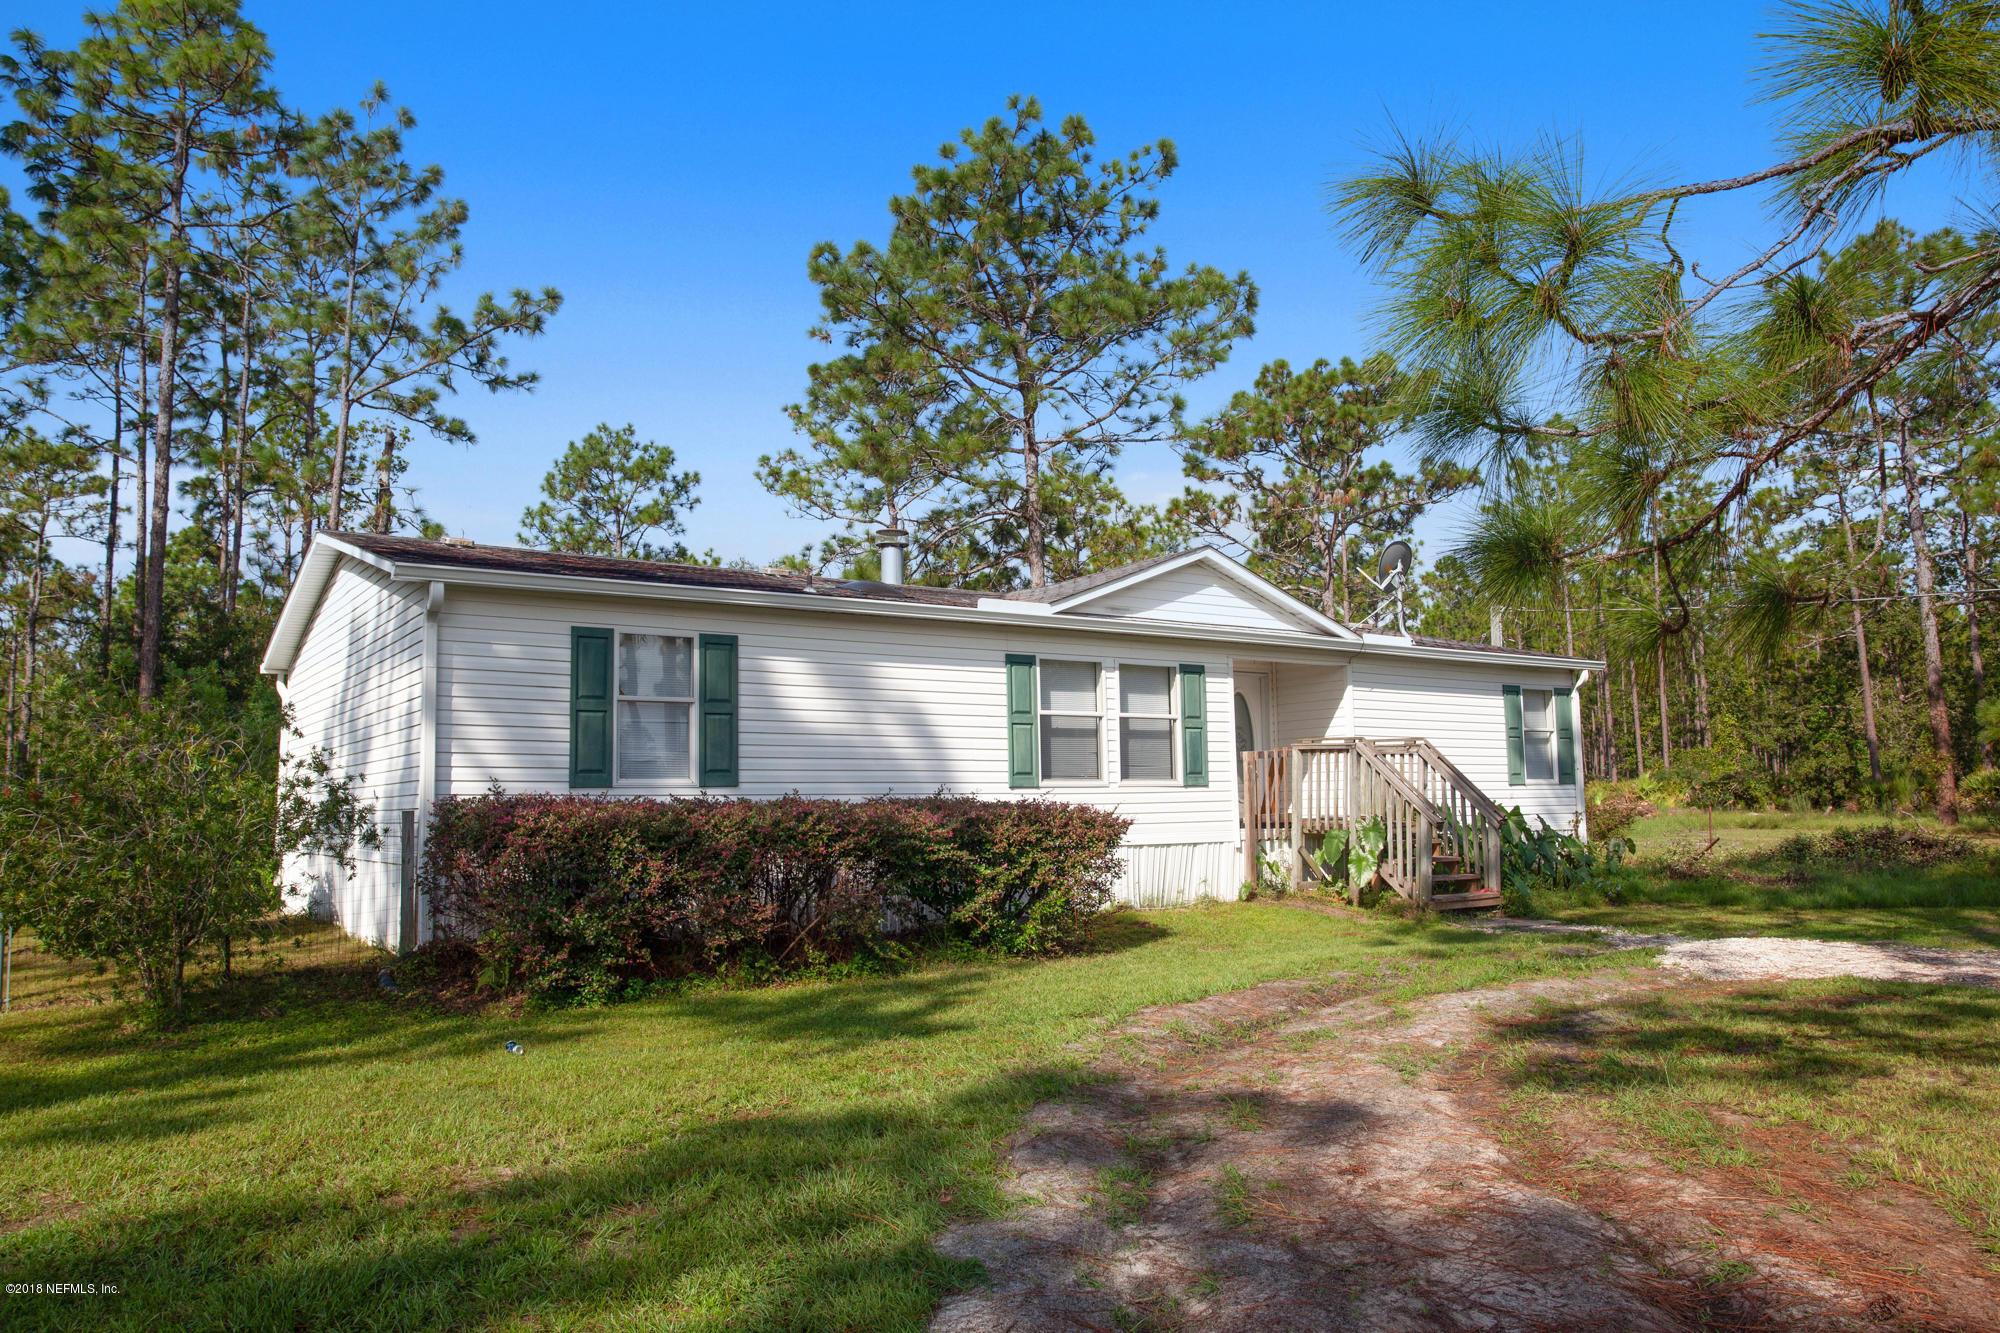 2530 RANGE LINE, MIDDLEBURG, FLORIDA 32068, 3 Bedrooms Bedrooms, ,2 BathroomsBathrooms,Residential - mobile home,For sale,RANGE LINE,967115